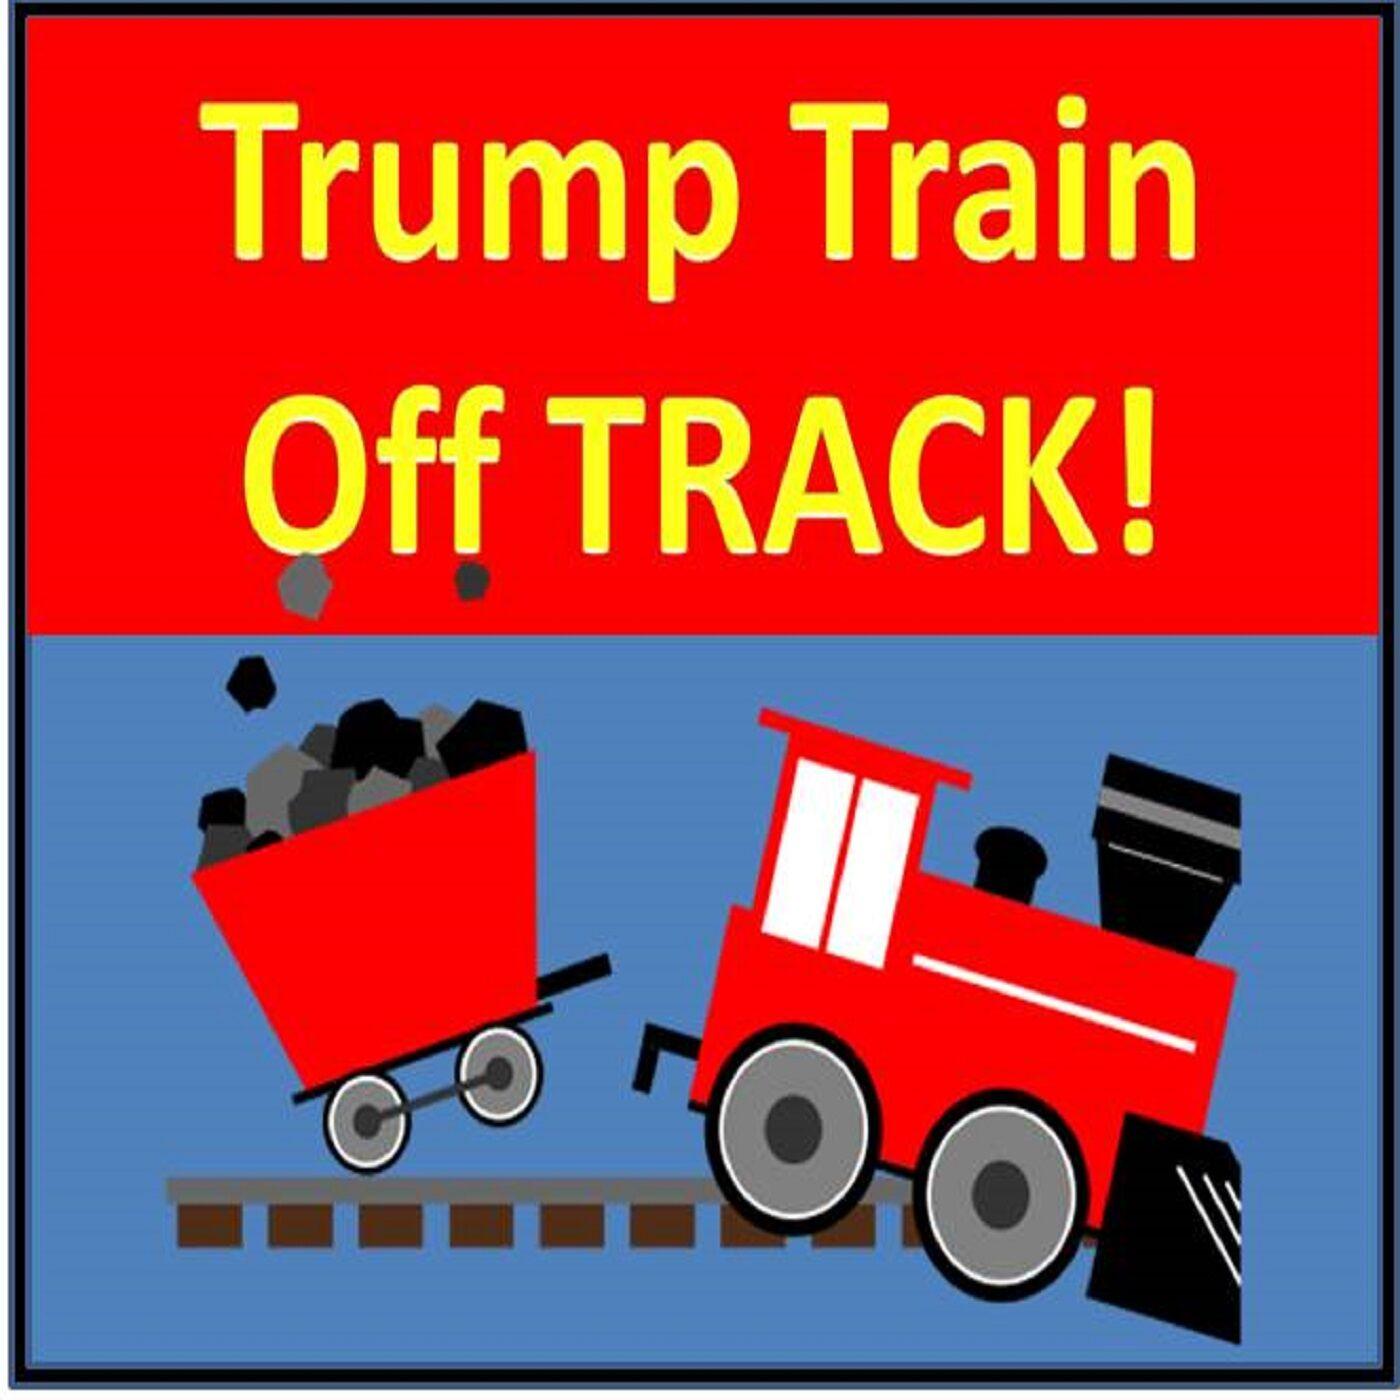 Trump's Train OFF THE TRACK! @realdonaldtrump #treasontrump #crybaby #republicans